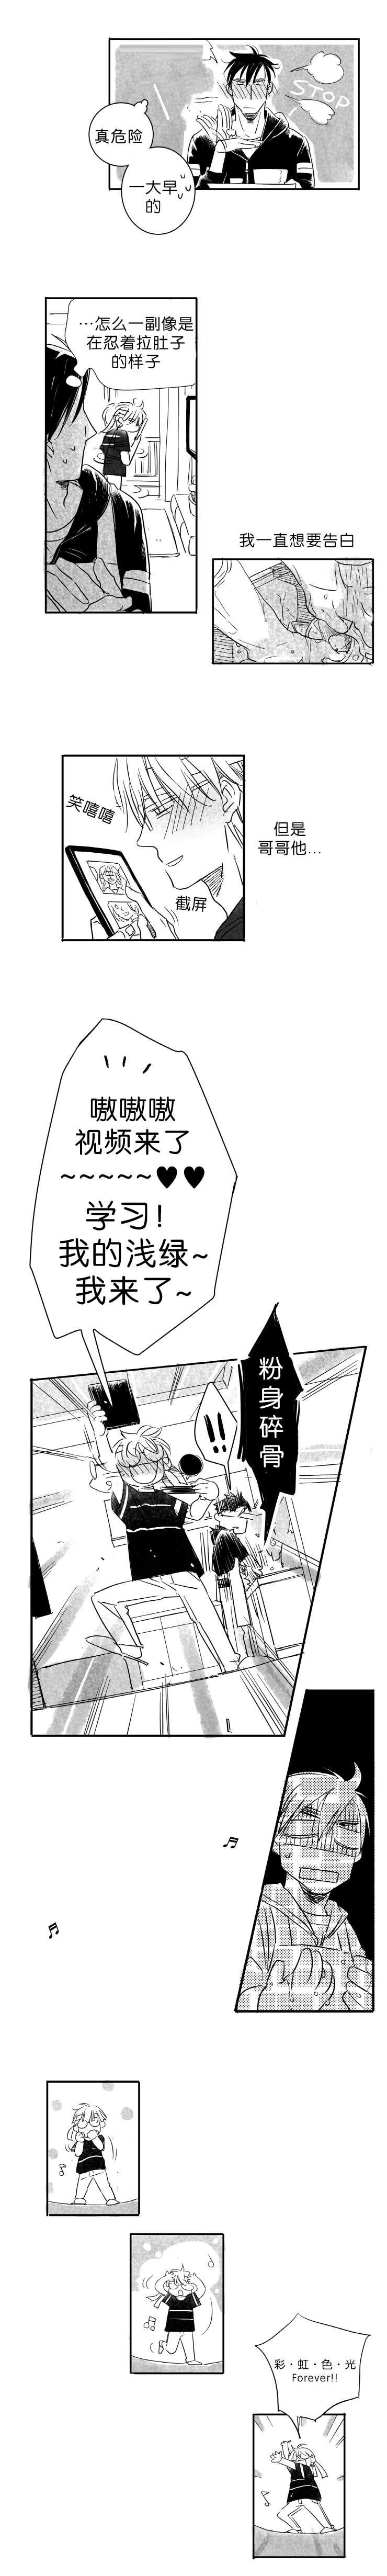 如狼似犬-漫画完整版汉化资源_全集在线阅读(已完结)-啵乐漫画